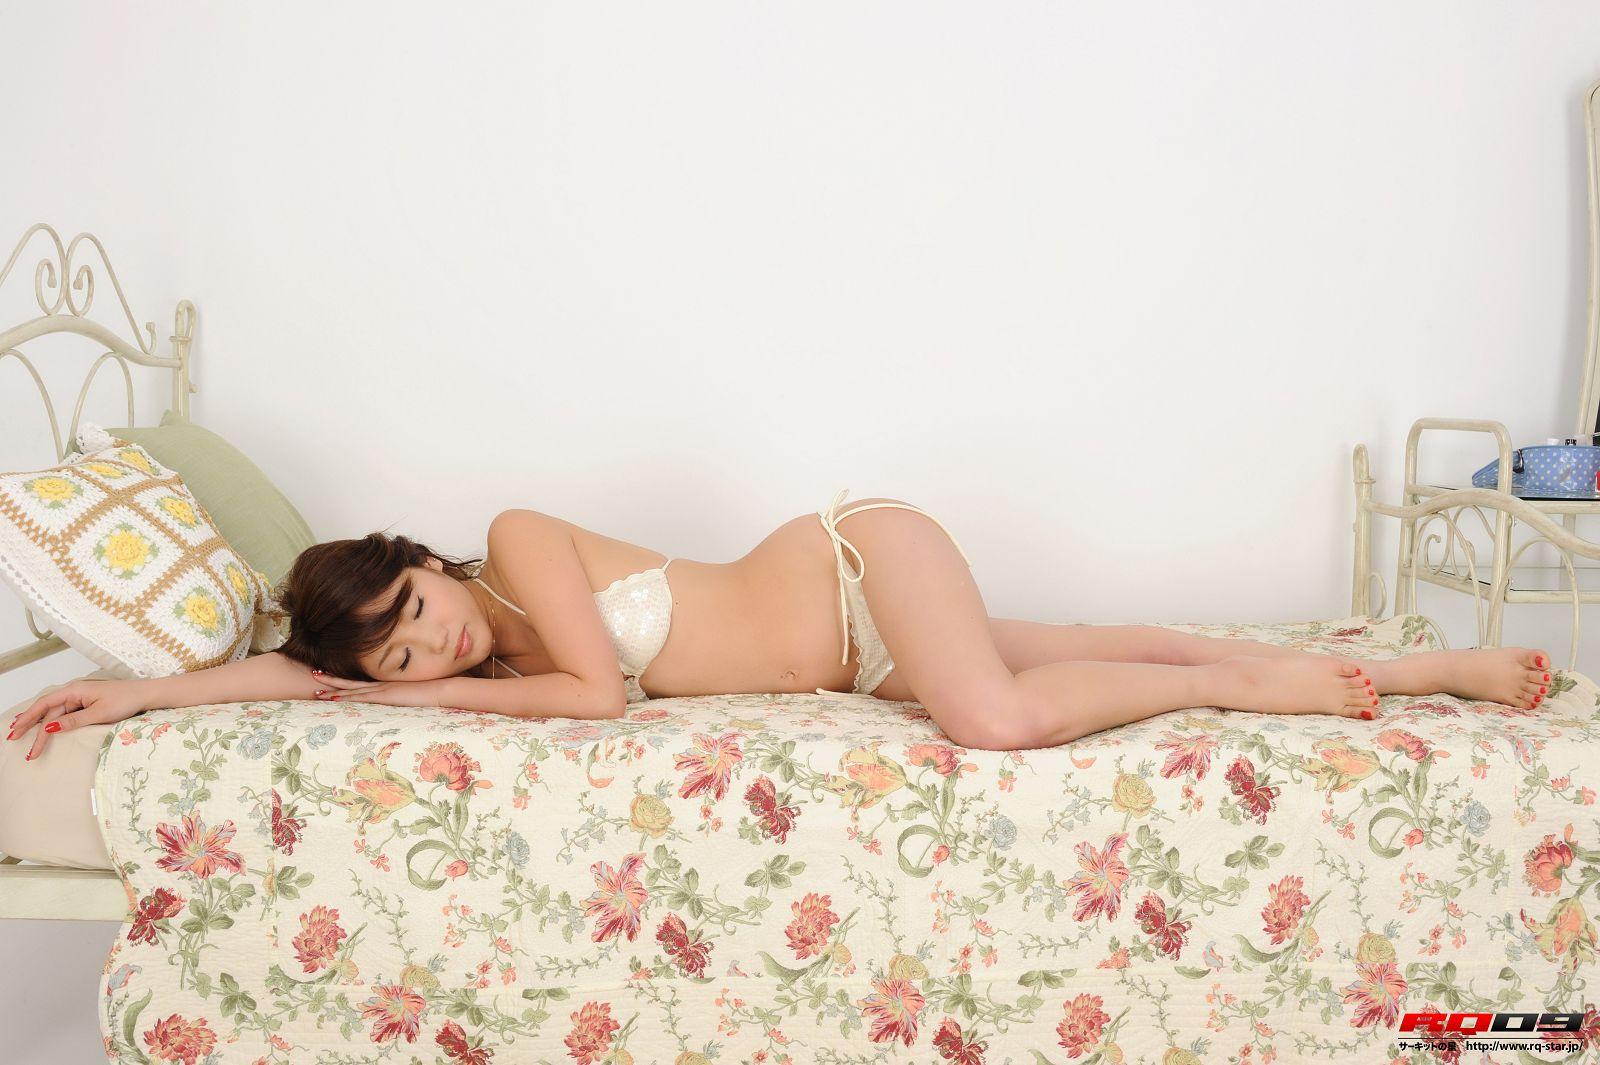 [RQ STAR美女] NO.0251 Arisa Kimura 木村亜梨沙 Swim Suits[80P] RQ STAR 第1张